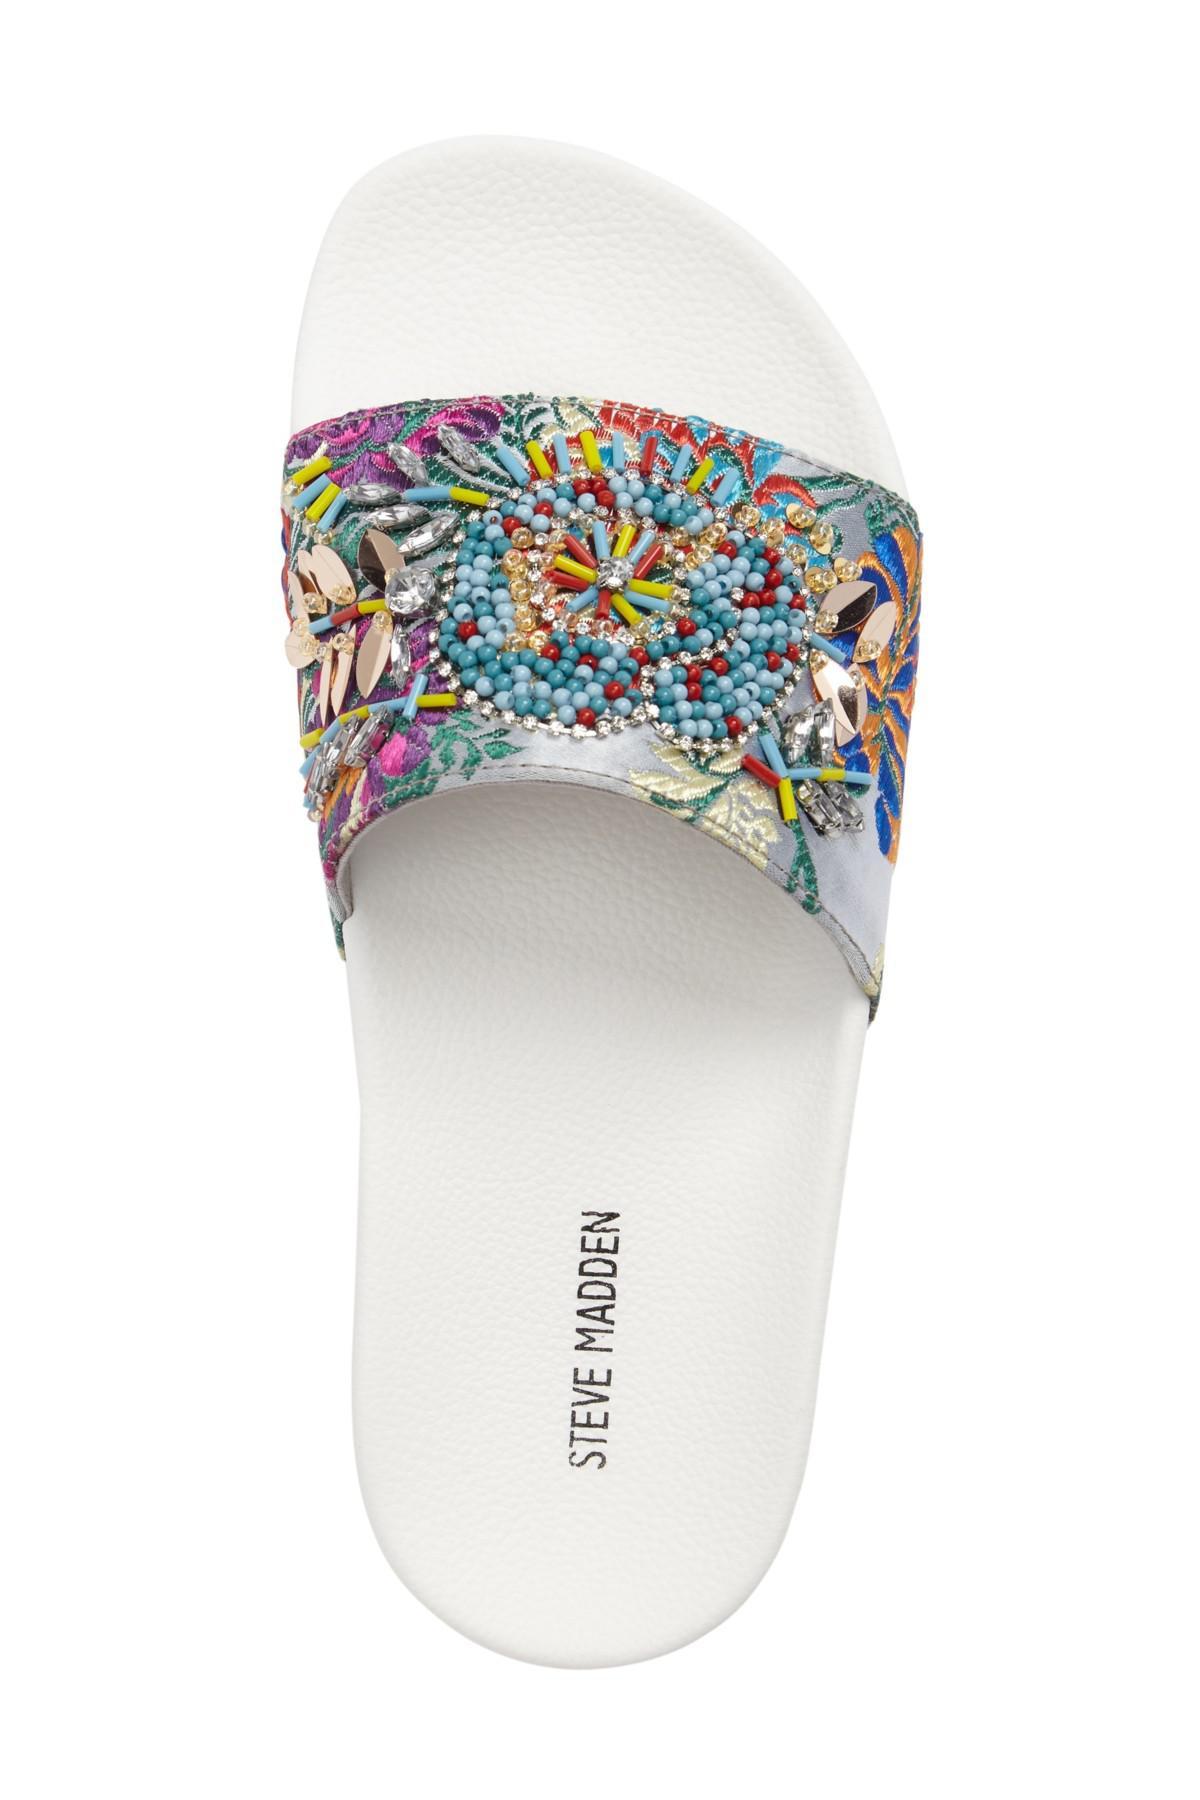 f8e46f65a15 Lyst - Steve Madden Sparkly Slide Sandal in White